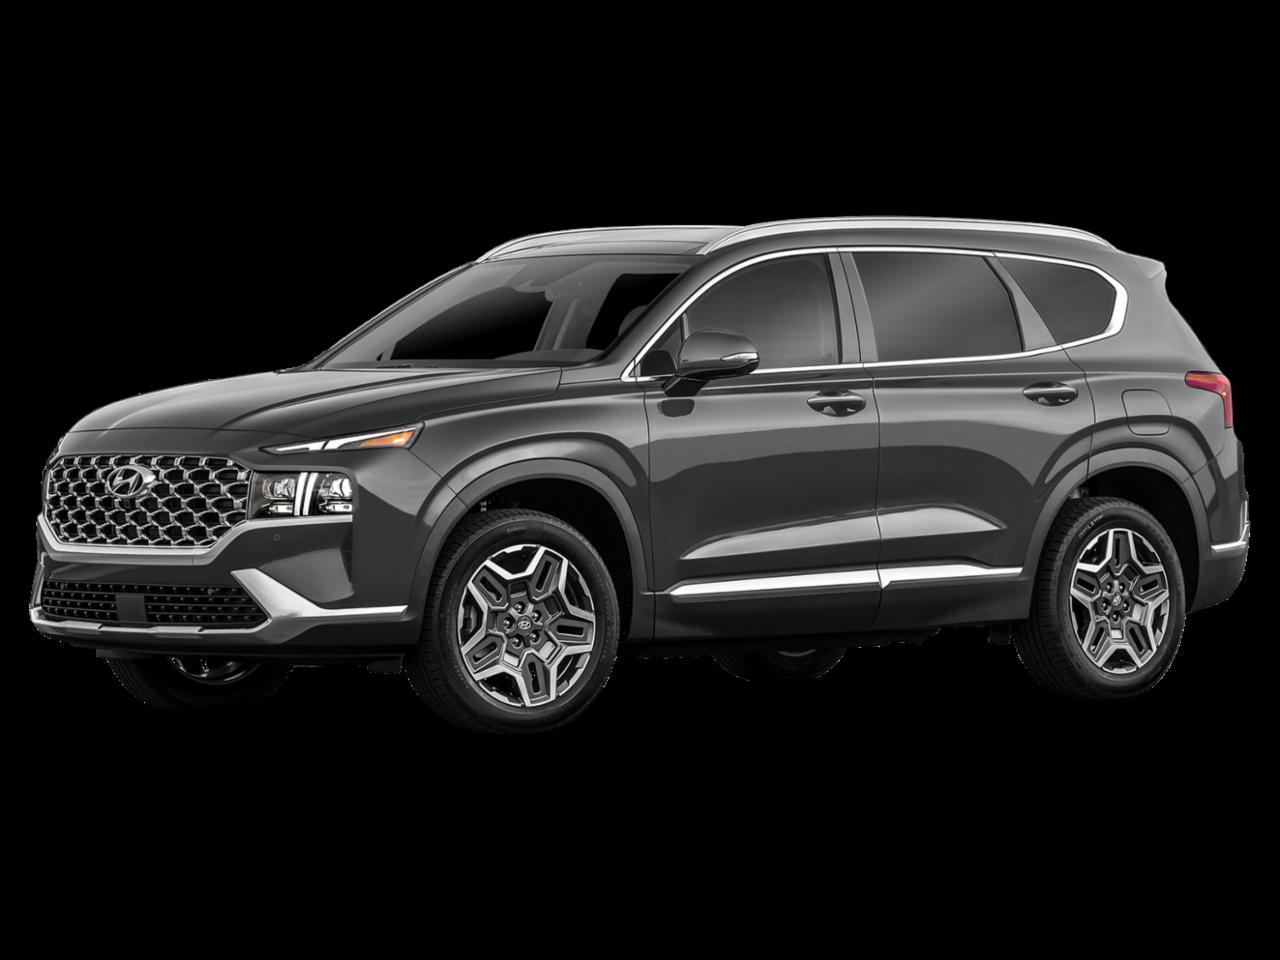 Hyundai 2021 Santa Fe Hybrid Limited